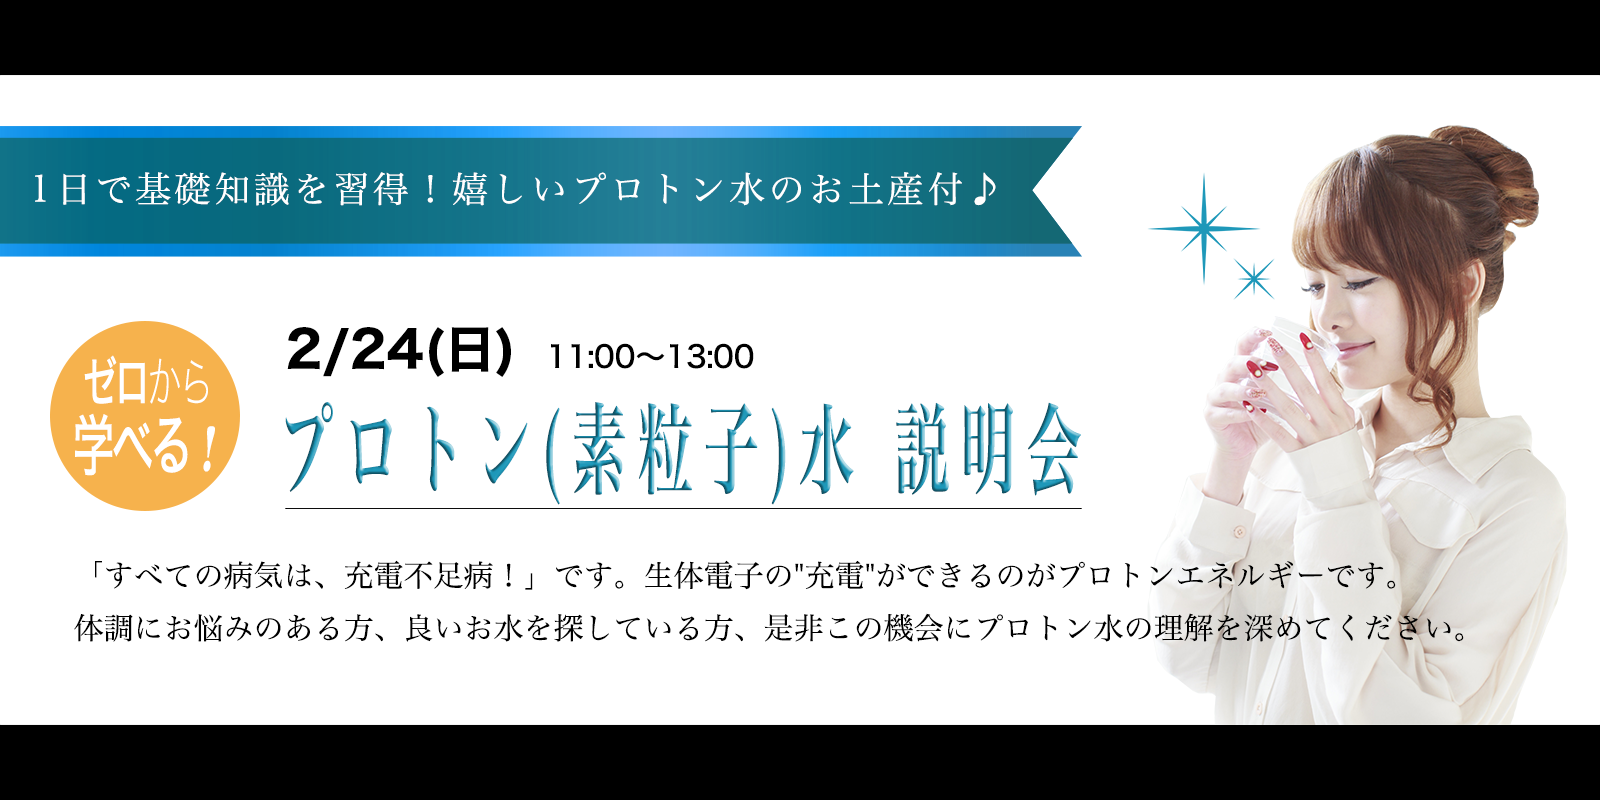 【満員御礼!】プロトン水説明会を2/24に開催します。